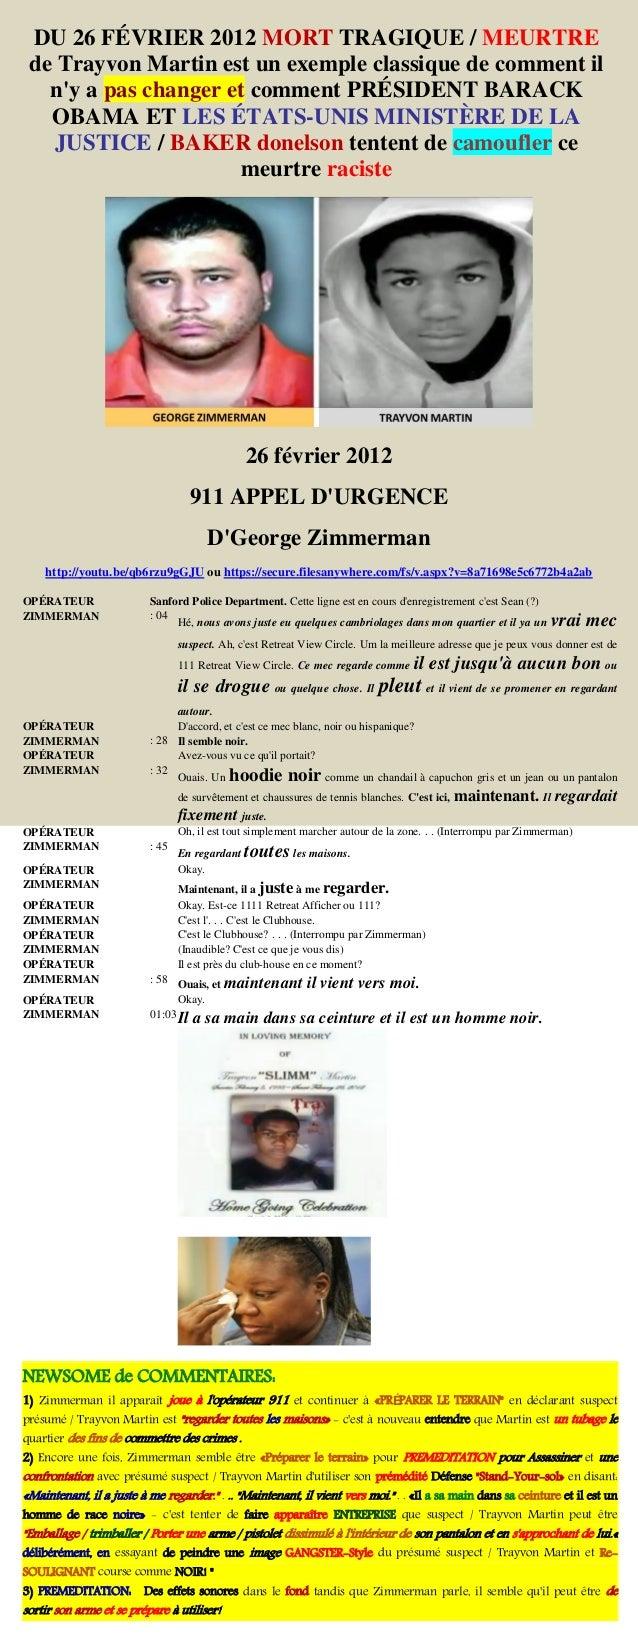 DU 26 FÉVRIER 2012 MORT TRAGIQUE / MEURTRE de Trayvon Martin est un exemple classique de comment il n'y a pas changer et c...